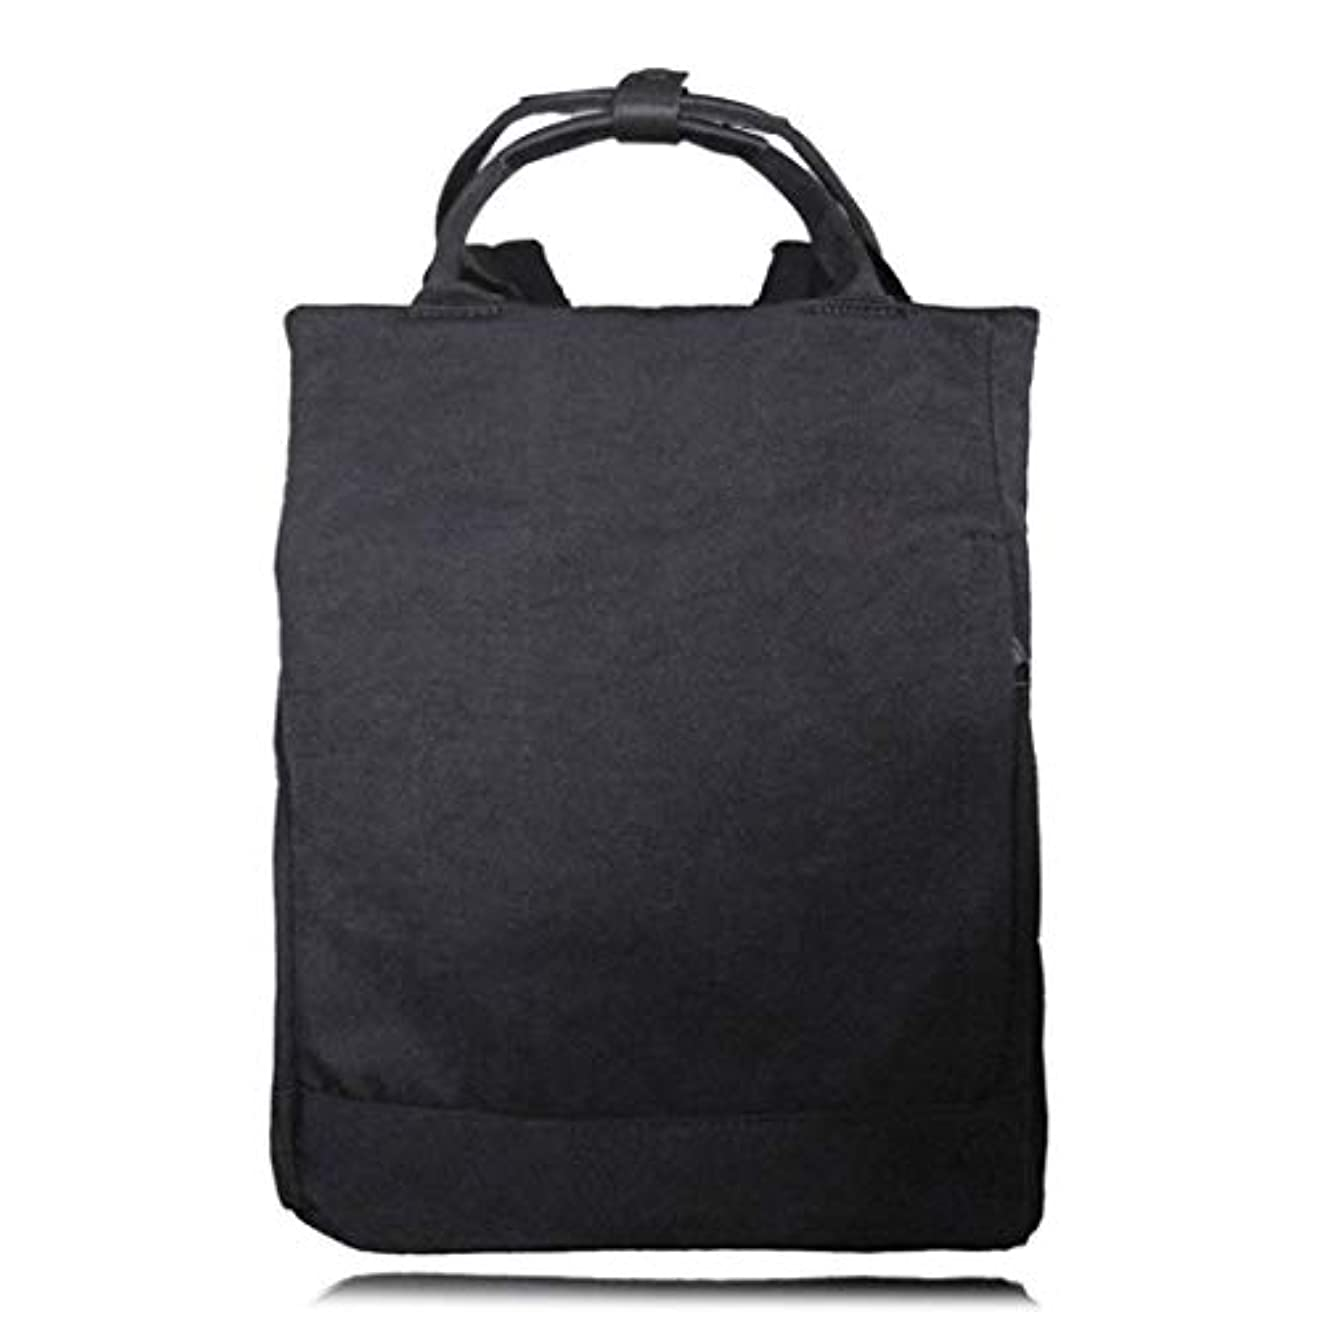 学校教育おめでとう衣服Fabbrica d'Oro リュック レディース マザーズバッグ ナイロン 2way リュックサック 大人リュック 軽量 旅行 通勤 大容量 HG